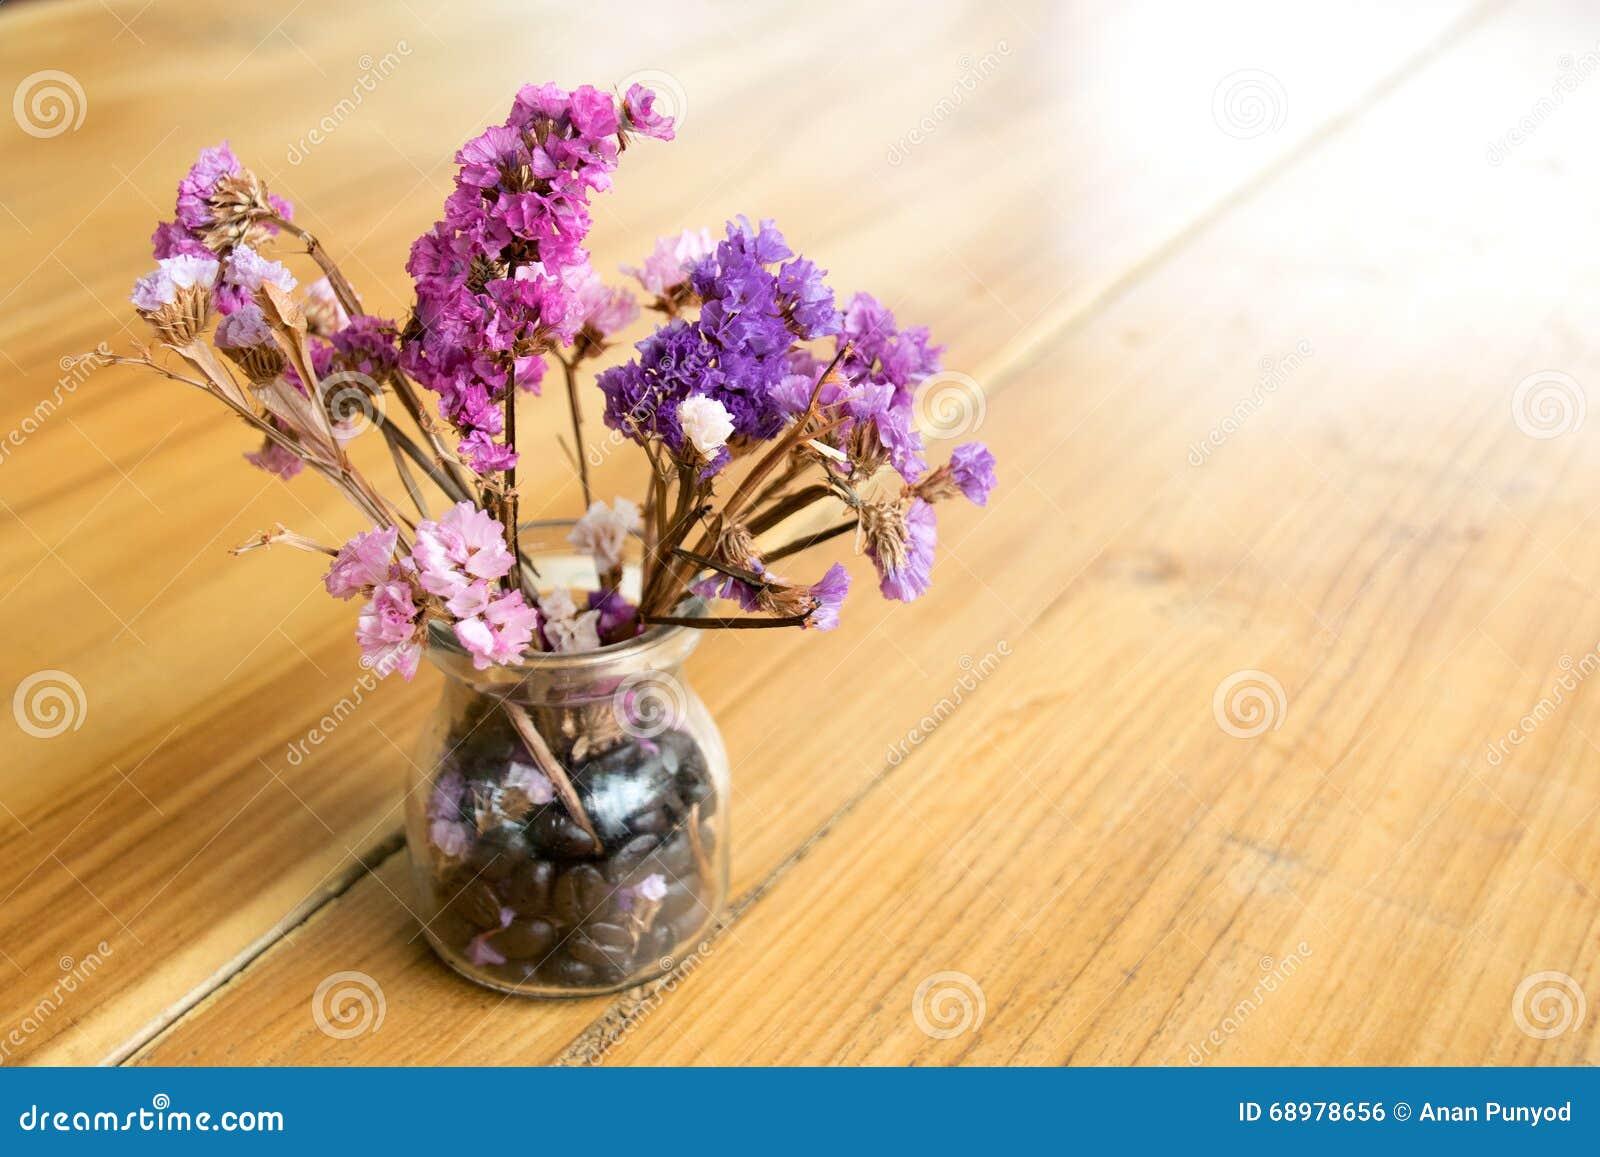 Flores púrpuras en un florero de cristal en la tabla de madera